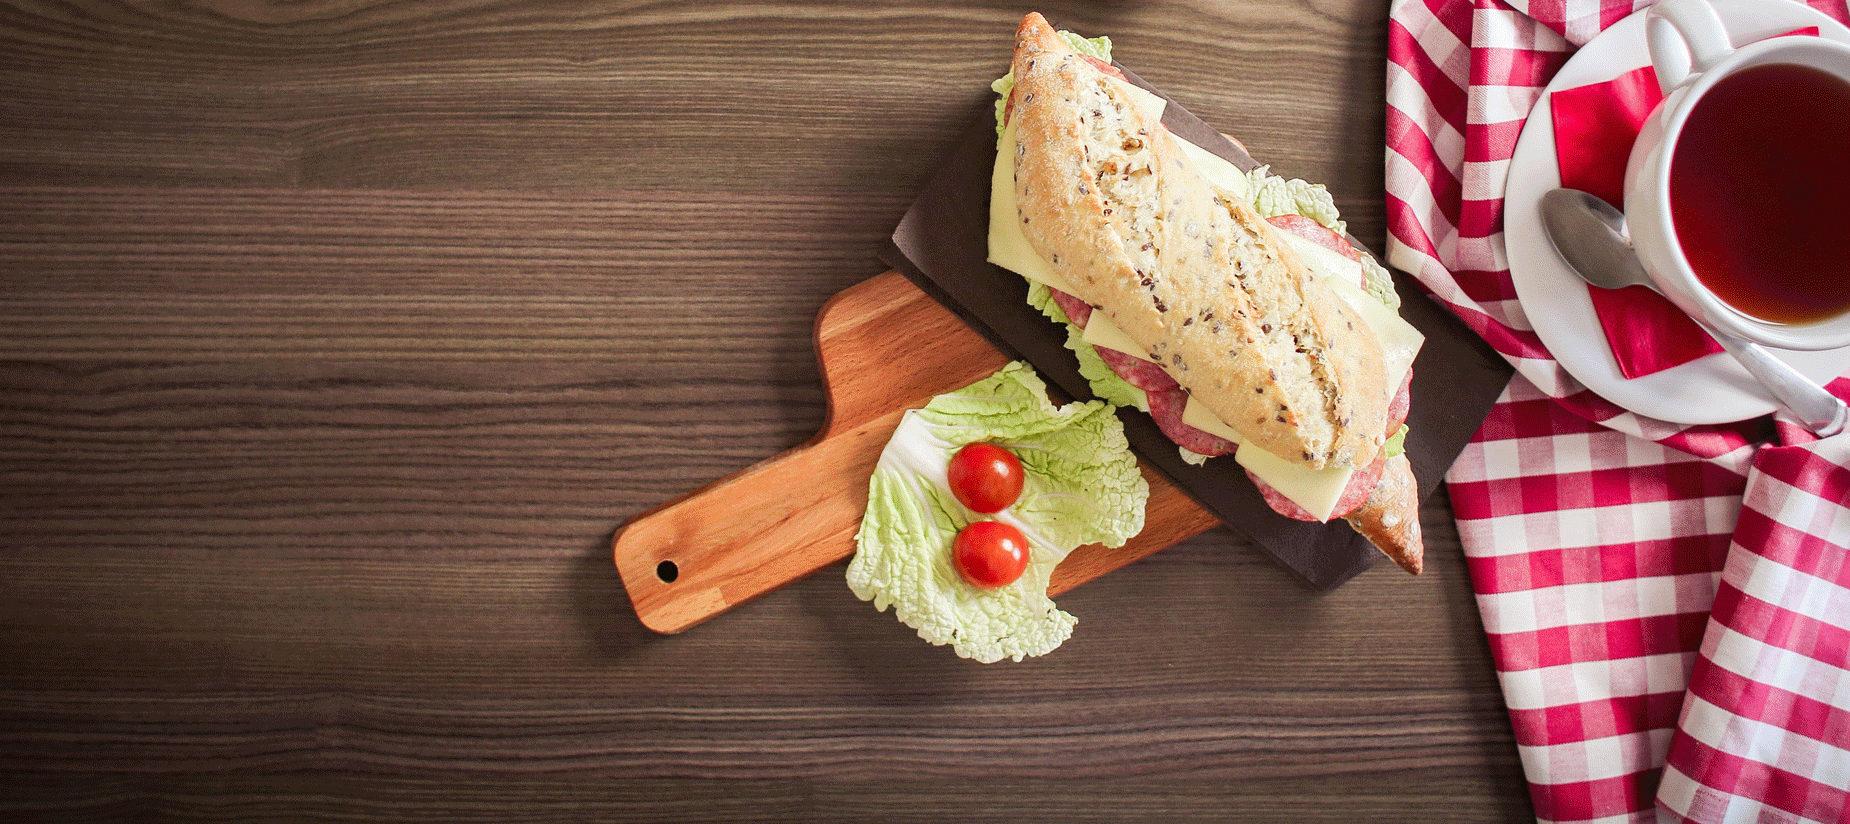 Das Frühstücksbuffet des Bed and Breakfast Hängebrigga im Goms ist reichhaltig gedeckt.